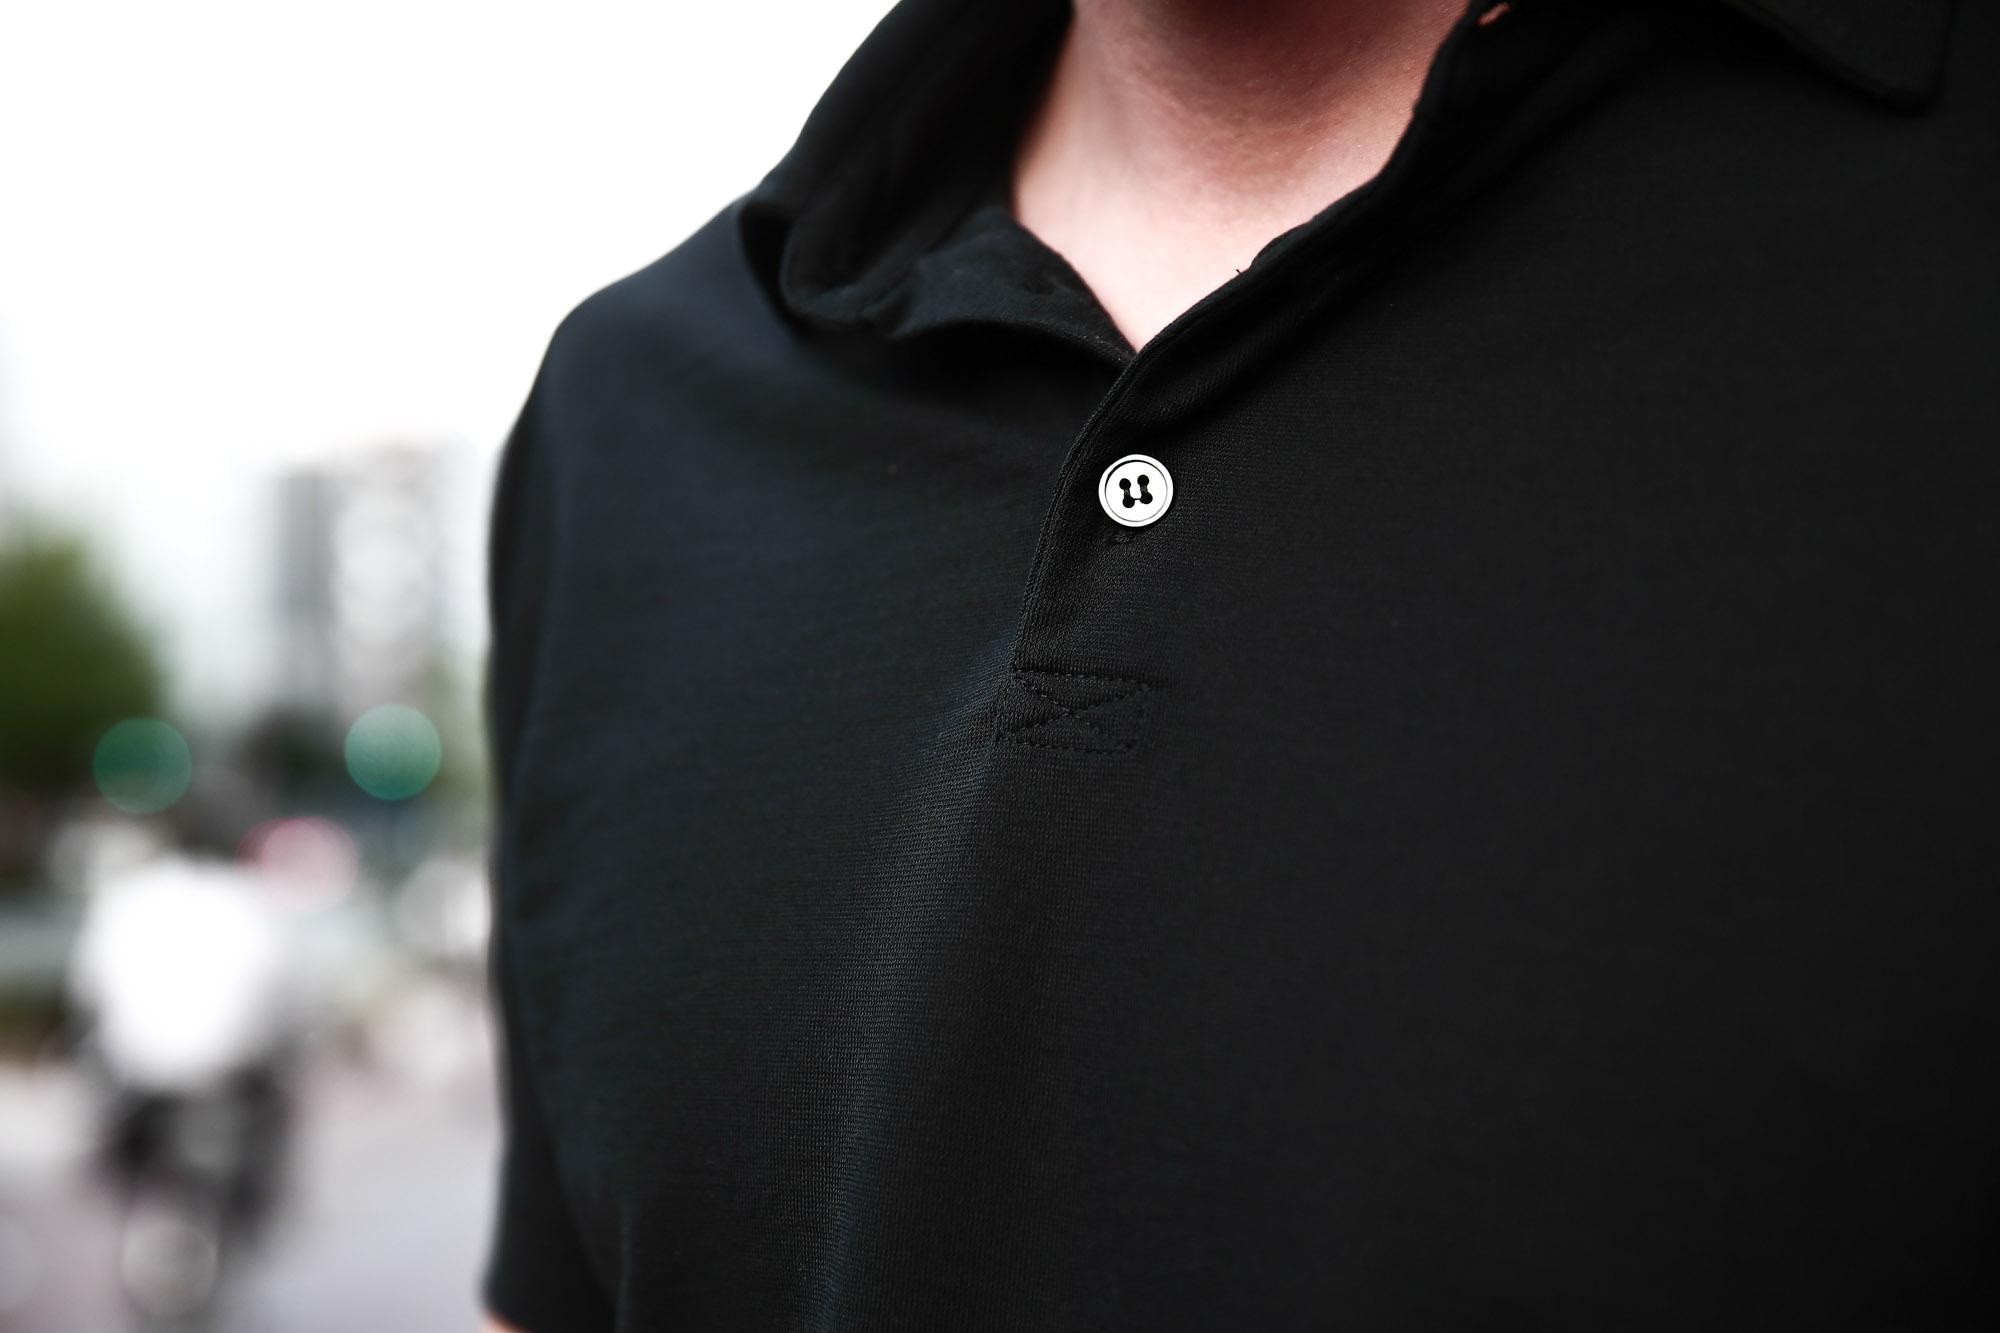 ZANONE ザノーネ 811818 Polo Shirt Ice Cotton アイスコットン ポロシャツ BLACK ブラックINCOTEX SLACKS (インコテックススラックス) 1ST603 SLIM FIT GARMENT DYED H.COMF.GABARDINE ガーメントダイ ストレッチ チノパンツ WHITE (ホワイト・001)